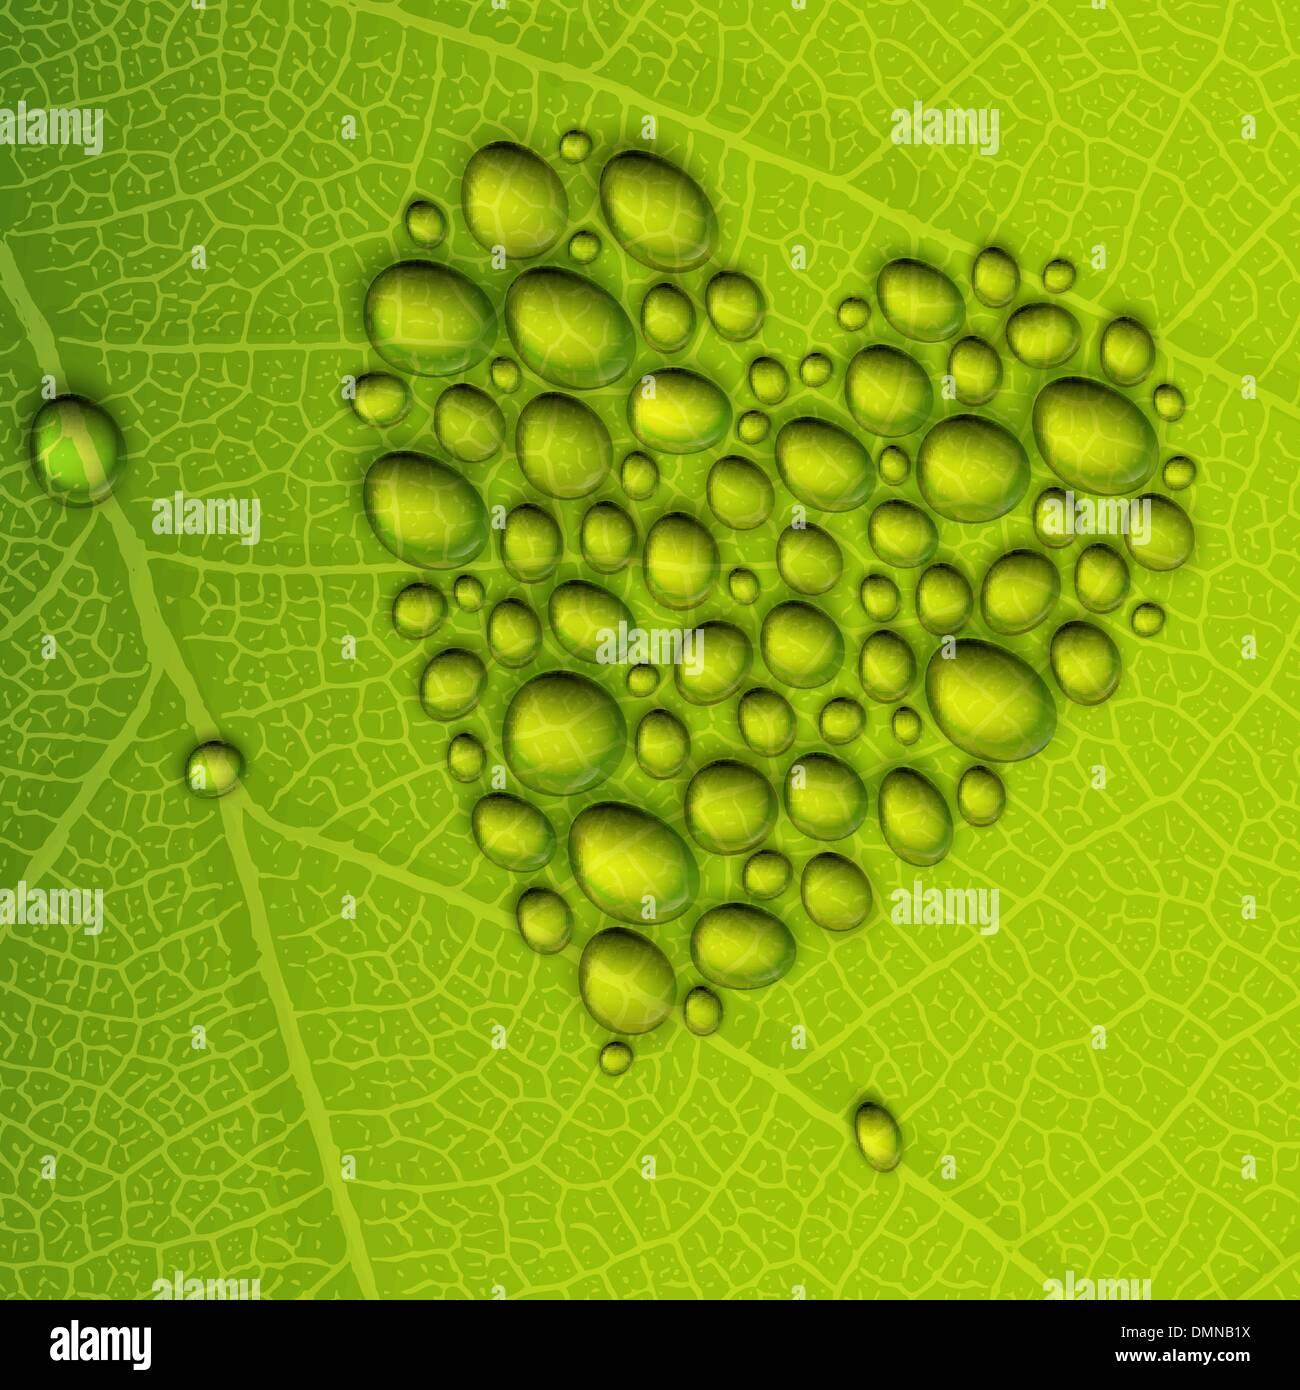 Forme de coeur gouttes de rosée sur feuille verte. Illustration vectorielle, EPS10 Illustration de Vecteur